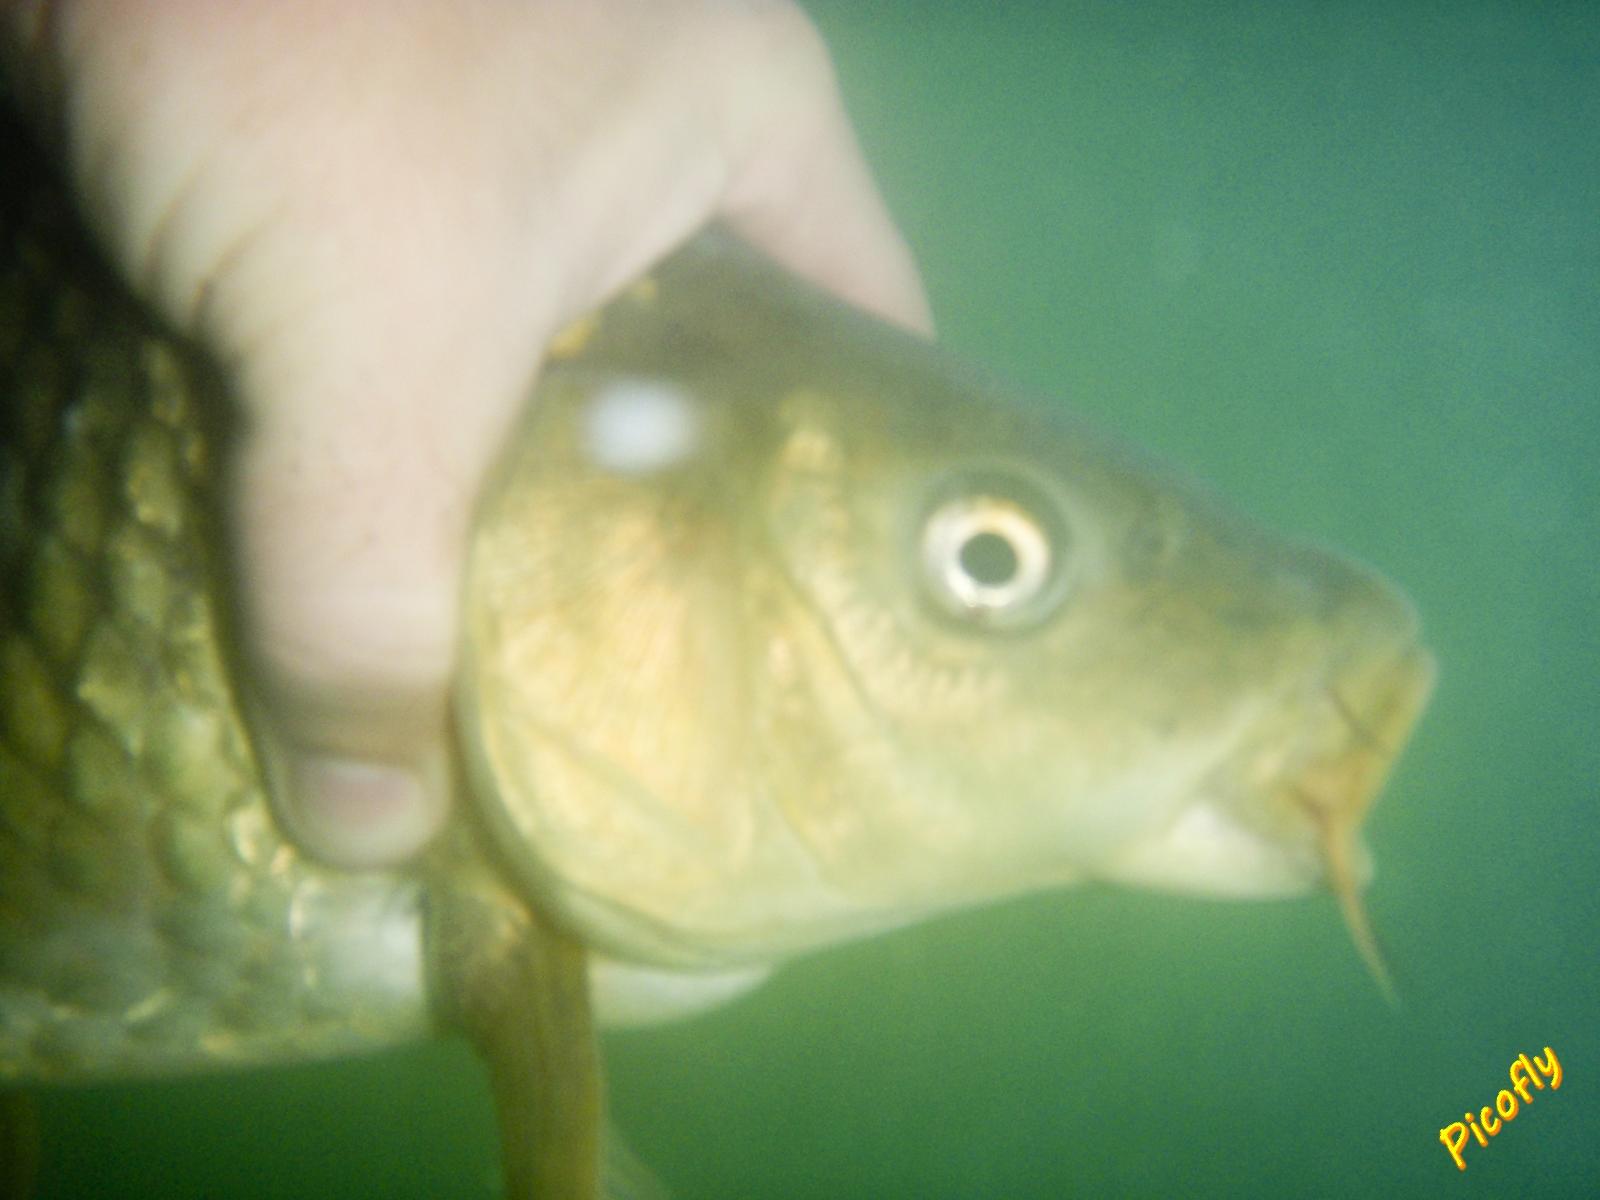 PESCA A MOSCA CON PICOFLY: Día de levante, pesca en Arcos.